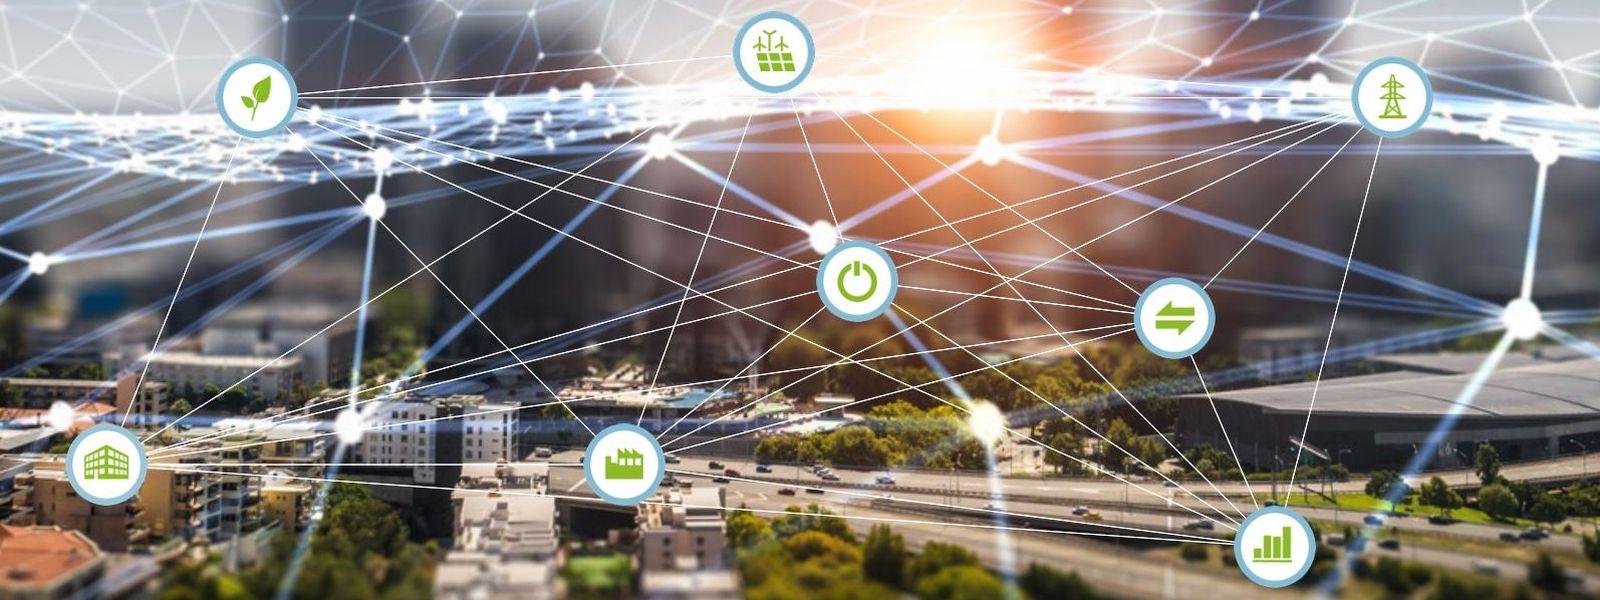 Symbolbild für die Forschungsnetzwerke Energie